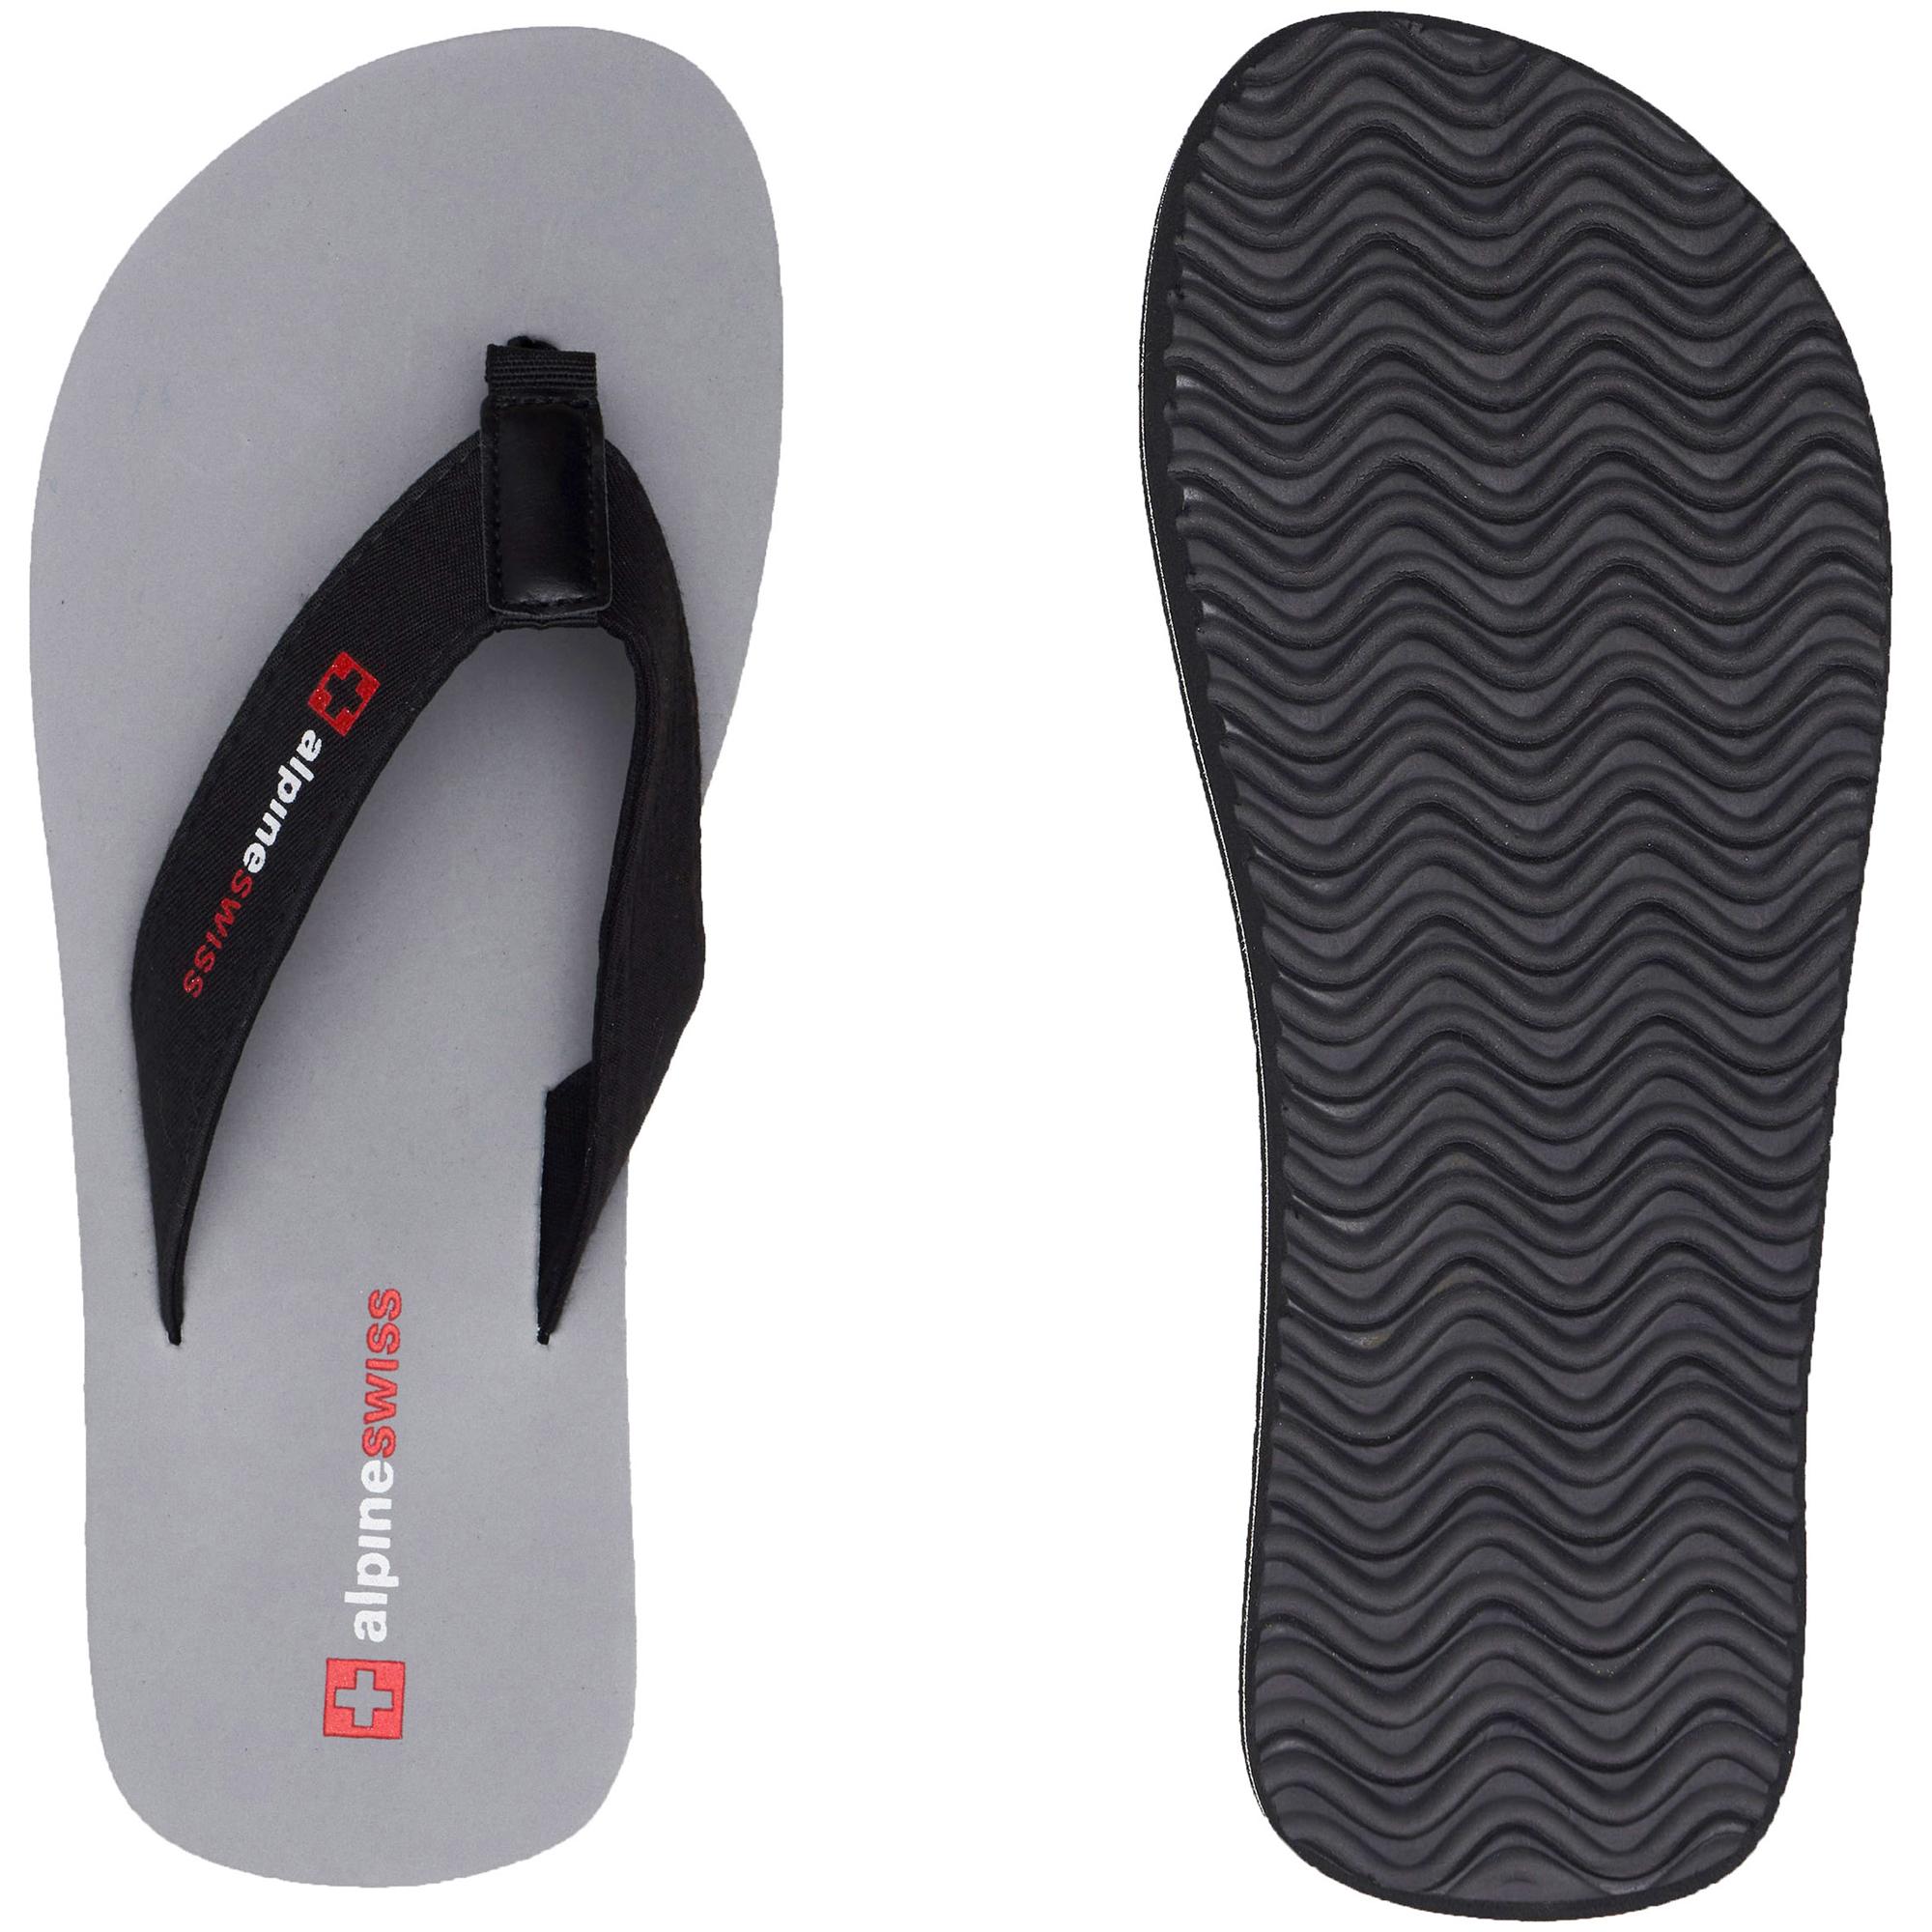 thumbnail 27 - Alpine Swiss Mens Flip Flops Beach Sandals Lightweight EVA Sole Comfort Thongs